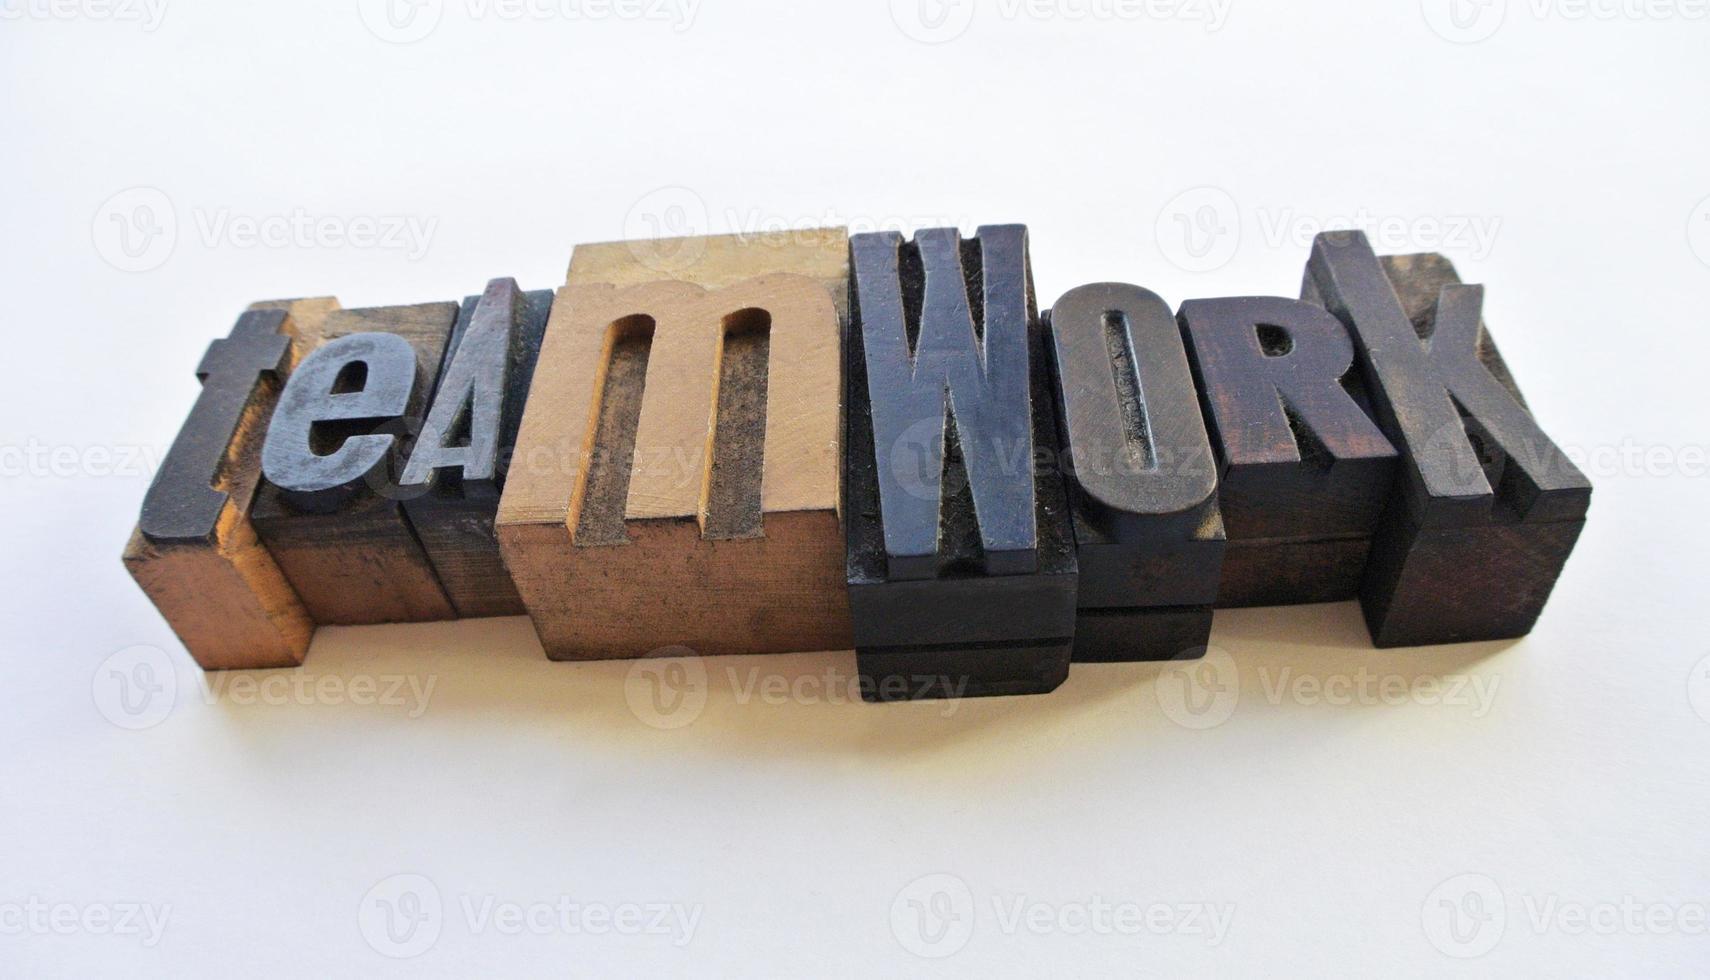 letras de madera tipo trabajo en equipo foto